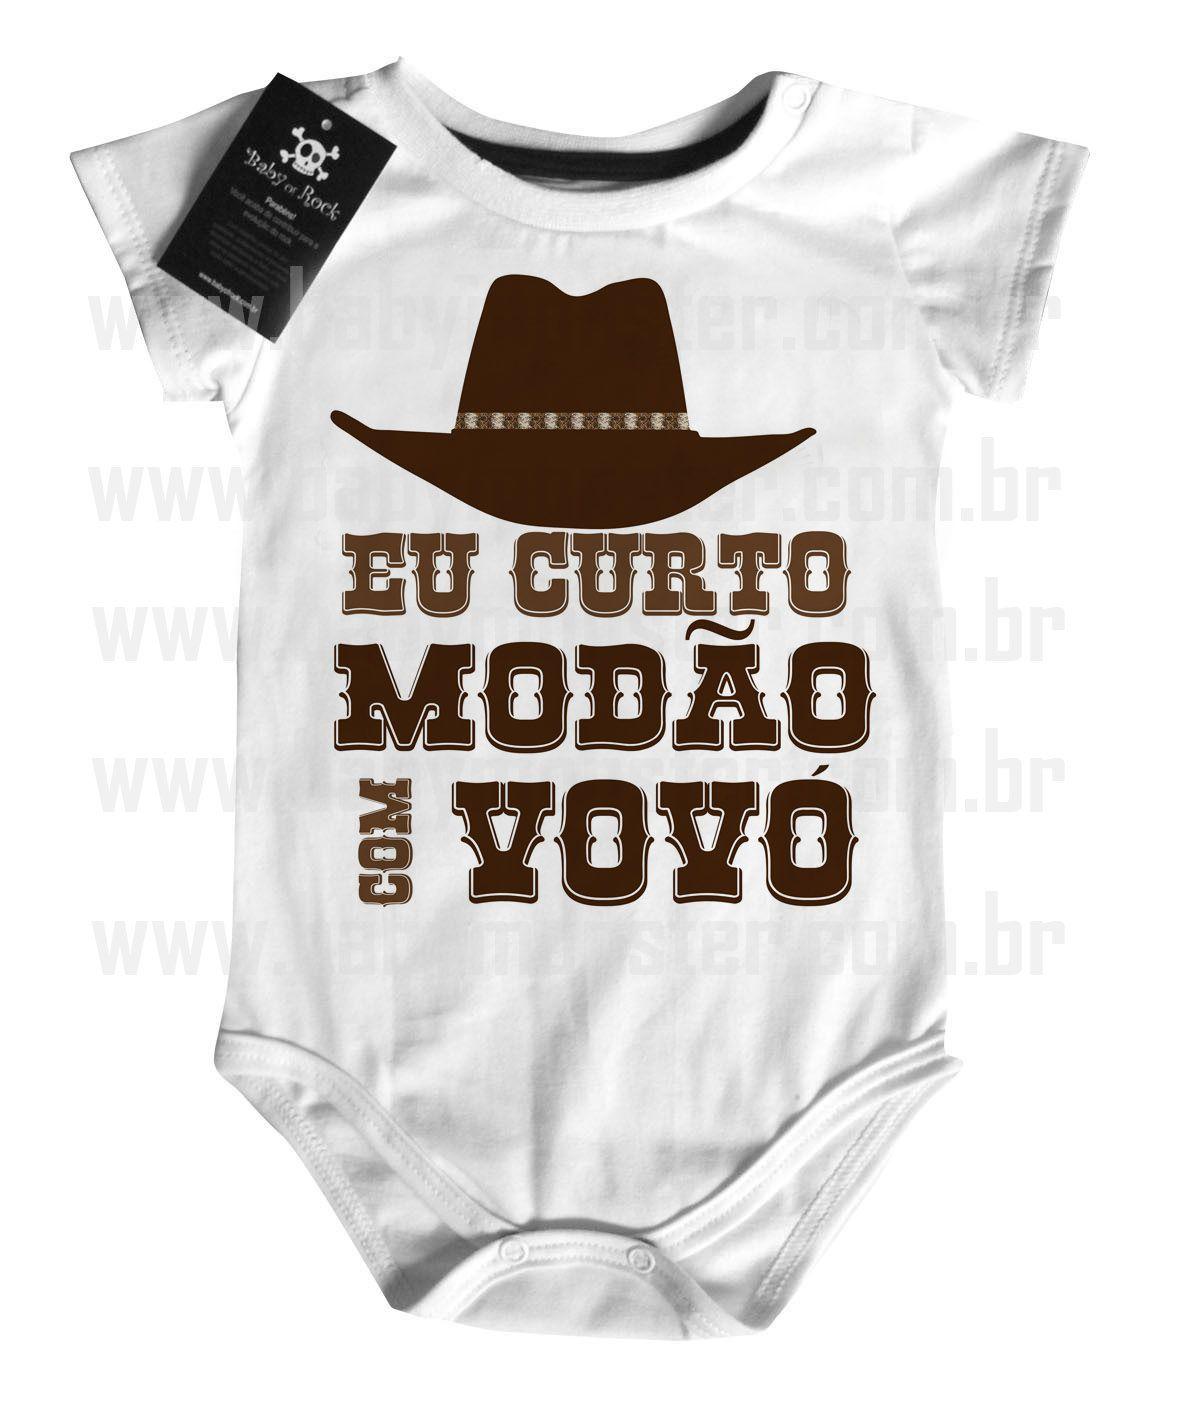 Body  Sertanejo Curto Modão com a Vovó- White  - Baby Monster S/A